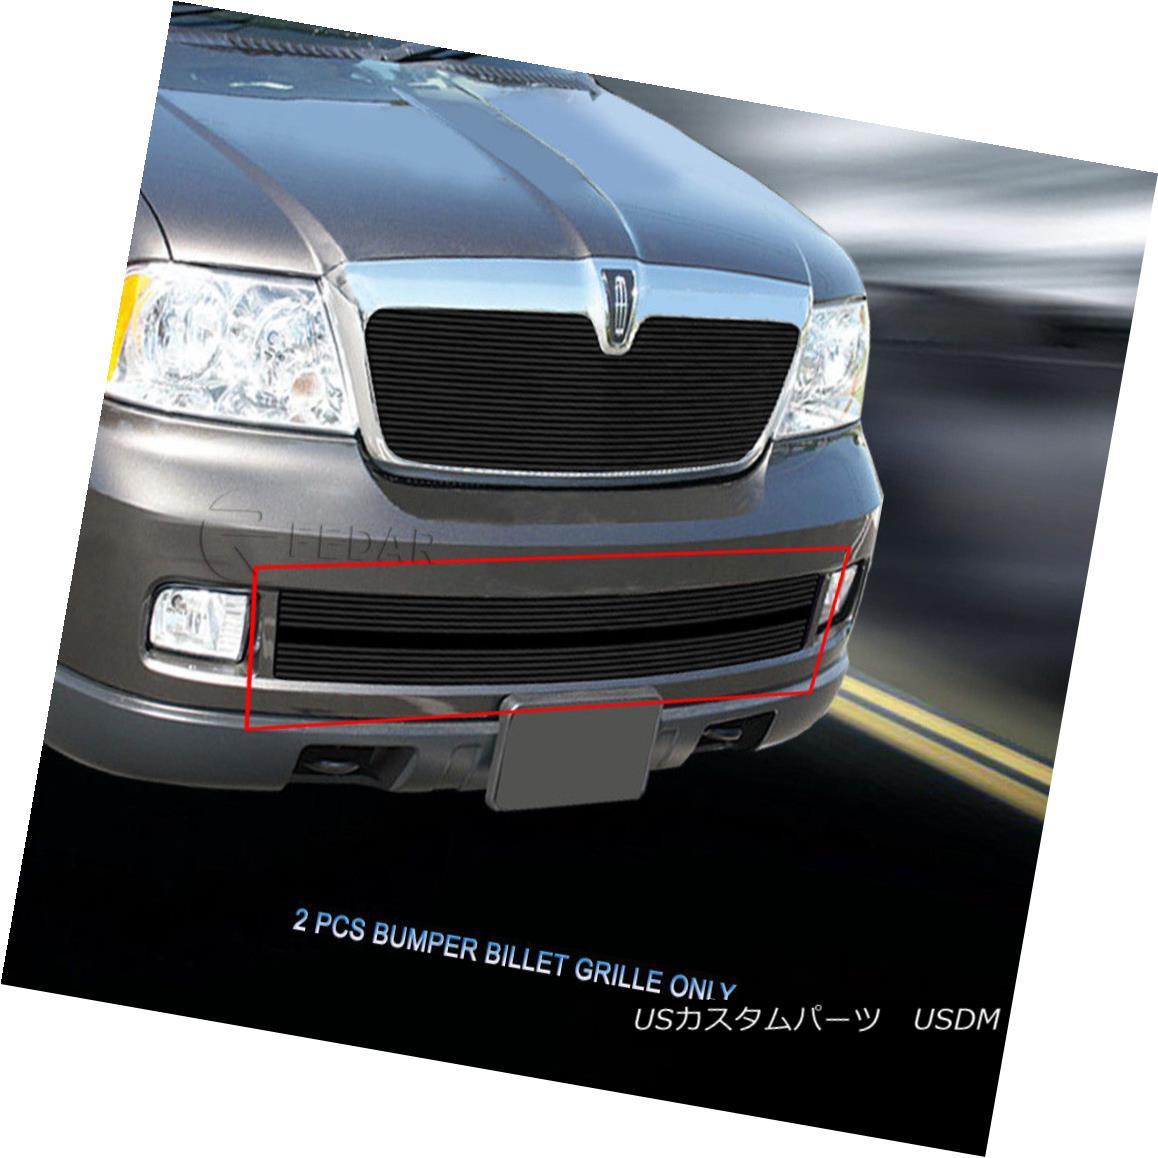 グリル Fedar Fits 2005-2006 Lincoln Navigator Black Lower Bumper Billet Grille Fedarは2005-2006年に合うリンカーン・ナビゲーターBlack Lower Bumper Billet Grille